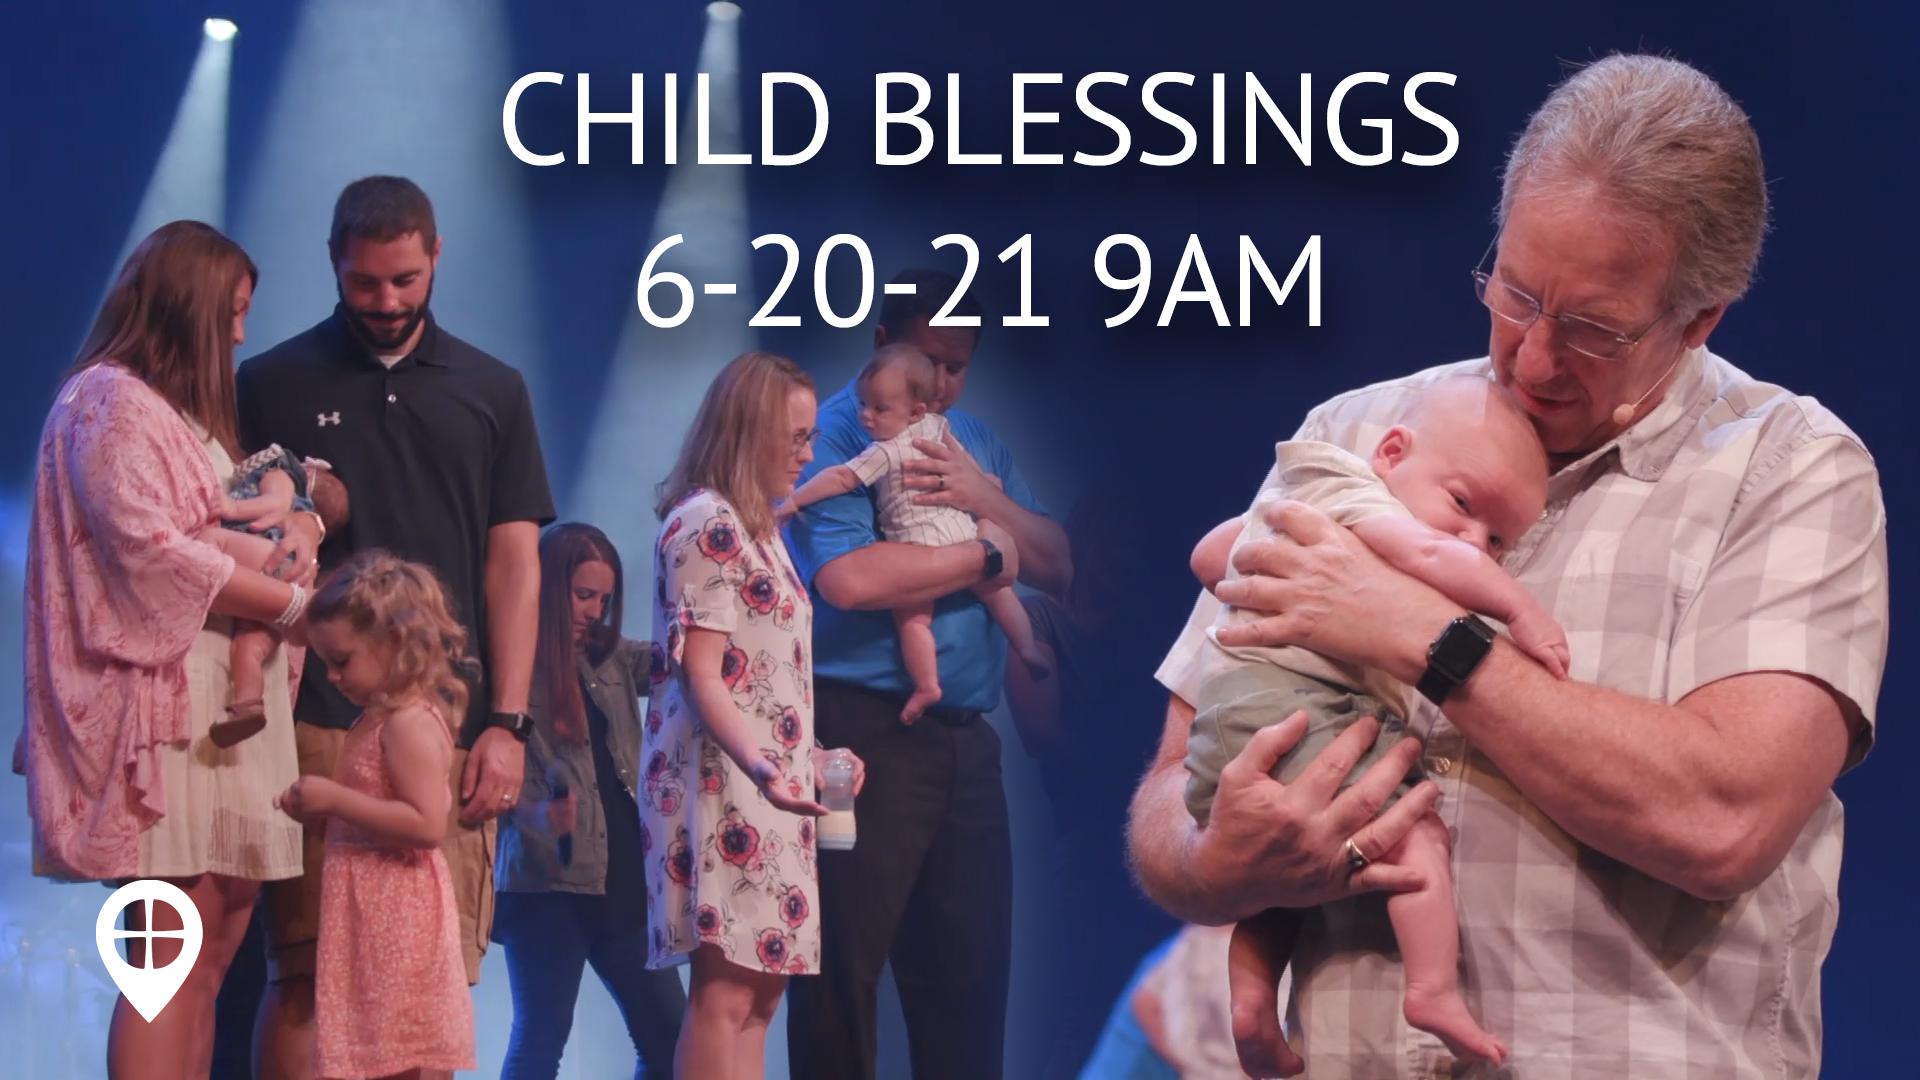 June 2021 Child Blessings Peoria 9am